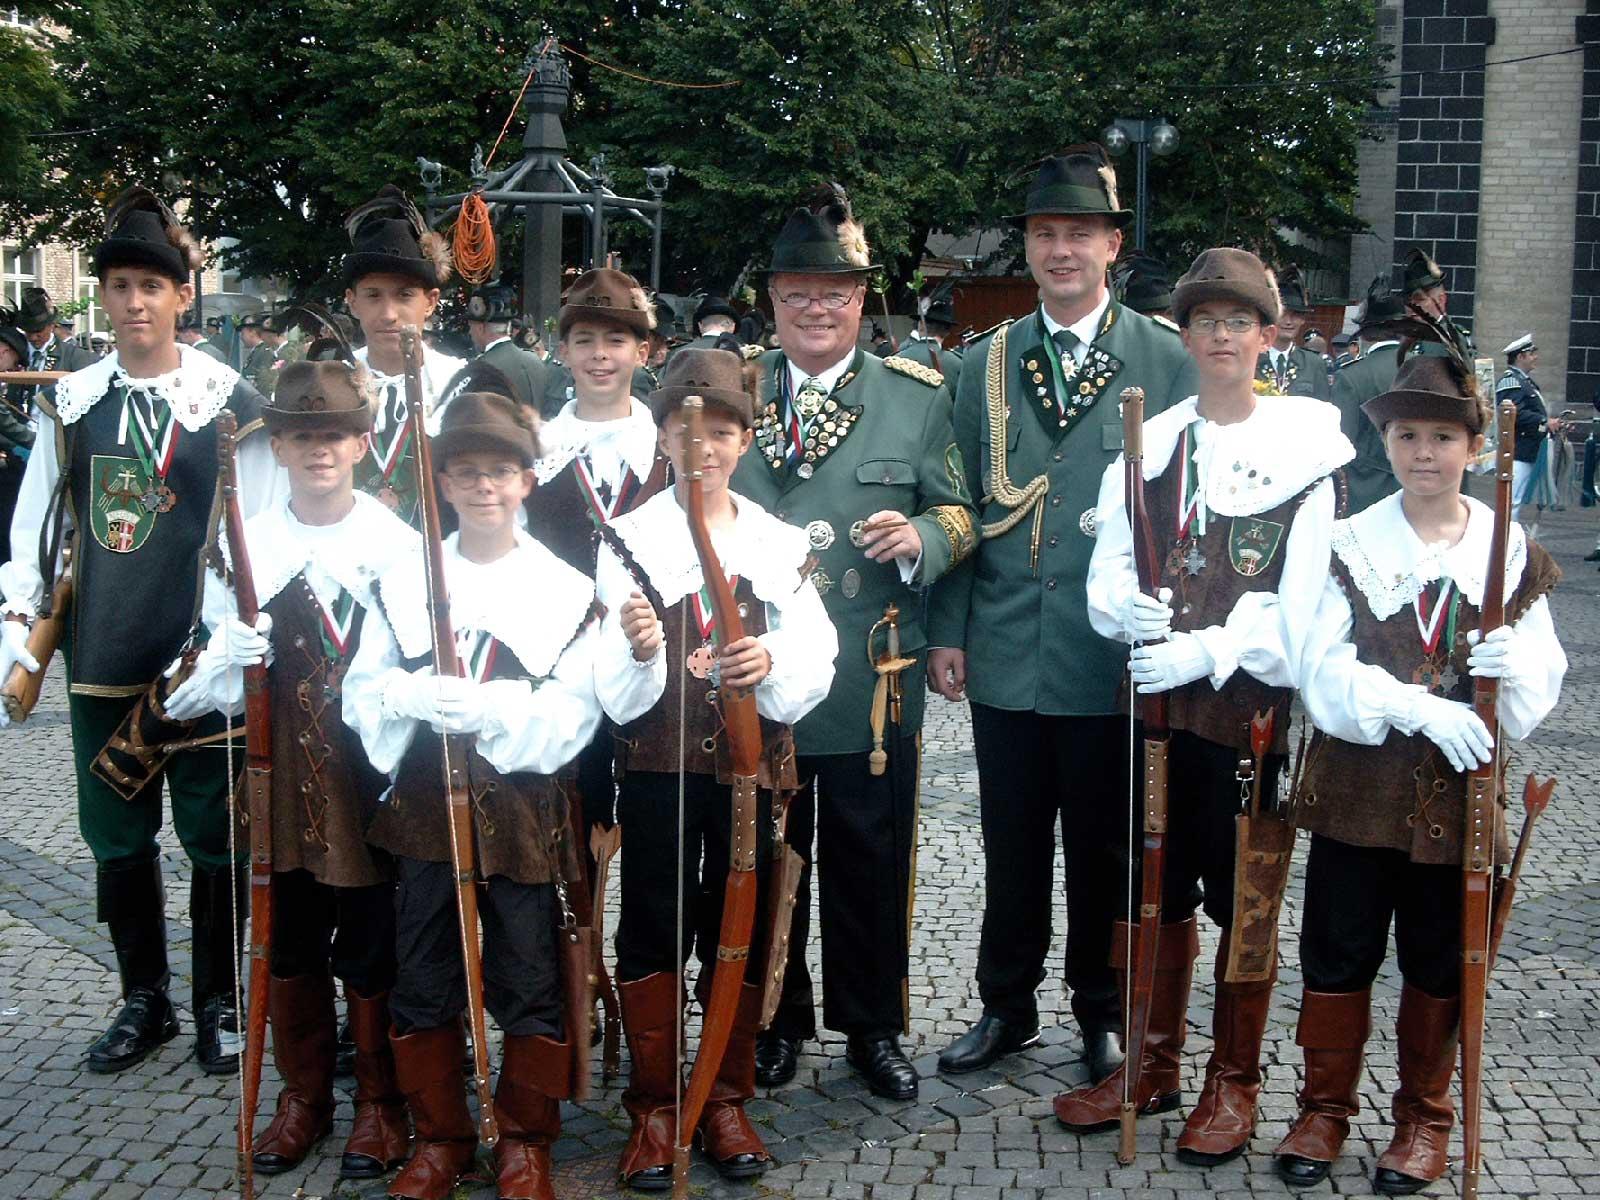 Bogenschützen 2007 Friedhelm Becker Volker Albrecht